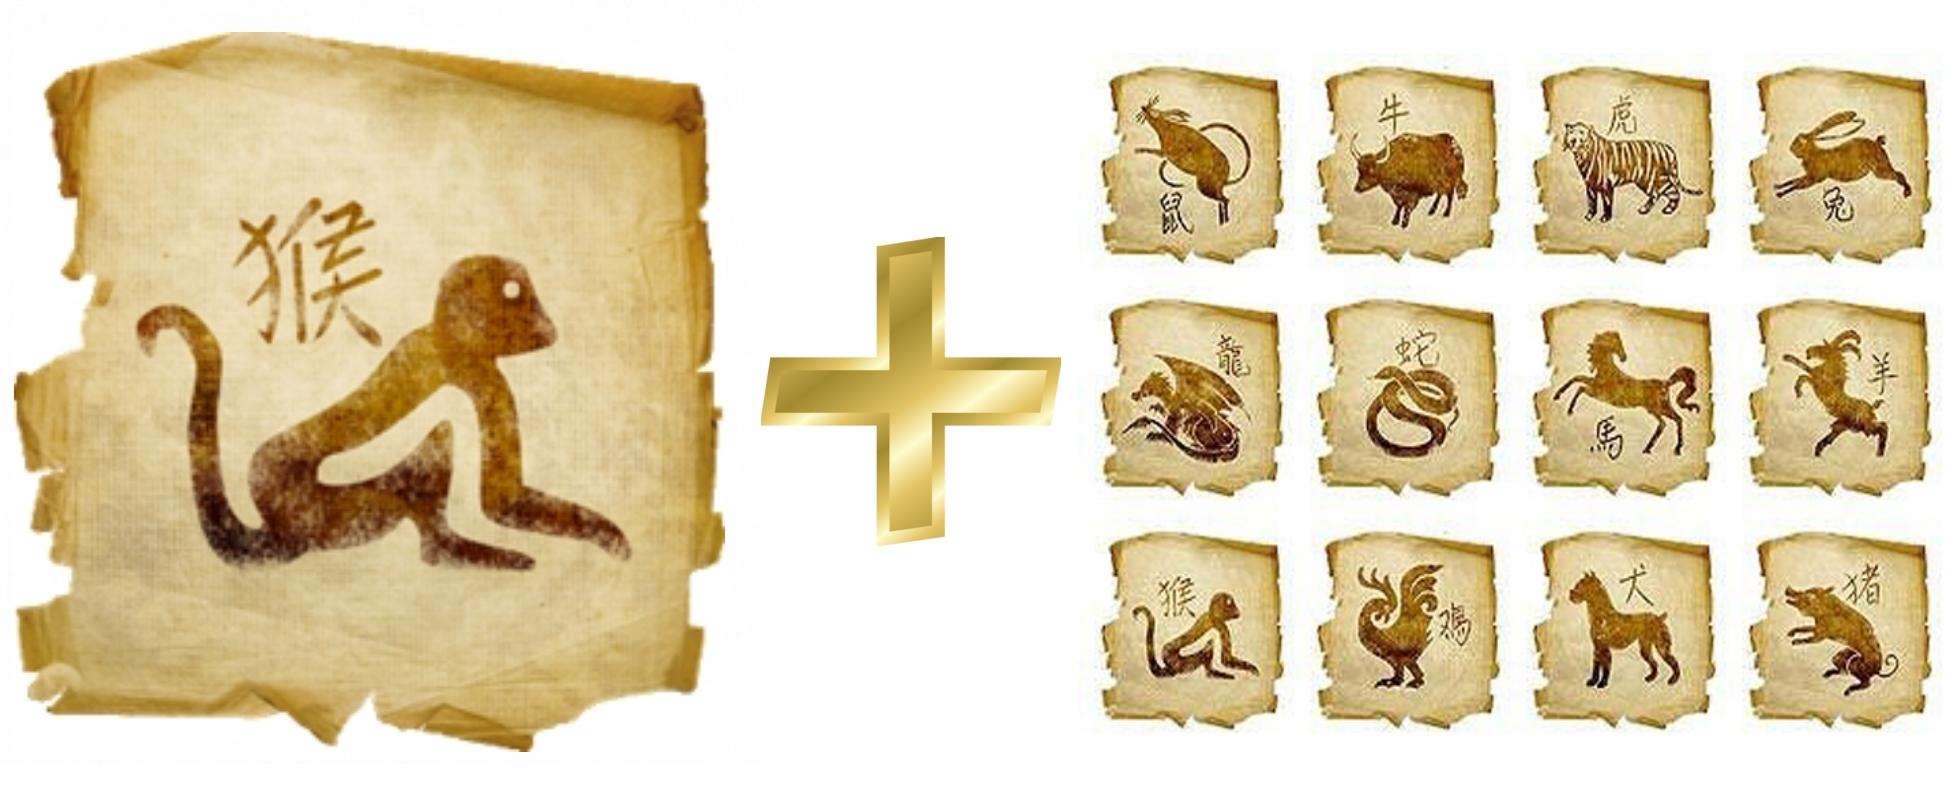 Обезьяна: гороскоп совместимости мужчины и женщины в любви с другими знаками. Петух и Тигр, Крыса, Свинья, Собака, Лошадь, Петух, Обезьяна, Коза (Овца), Змея, Дракон, Кролик, Бык (Вол)